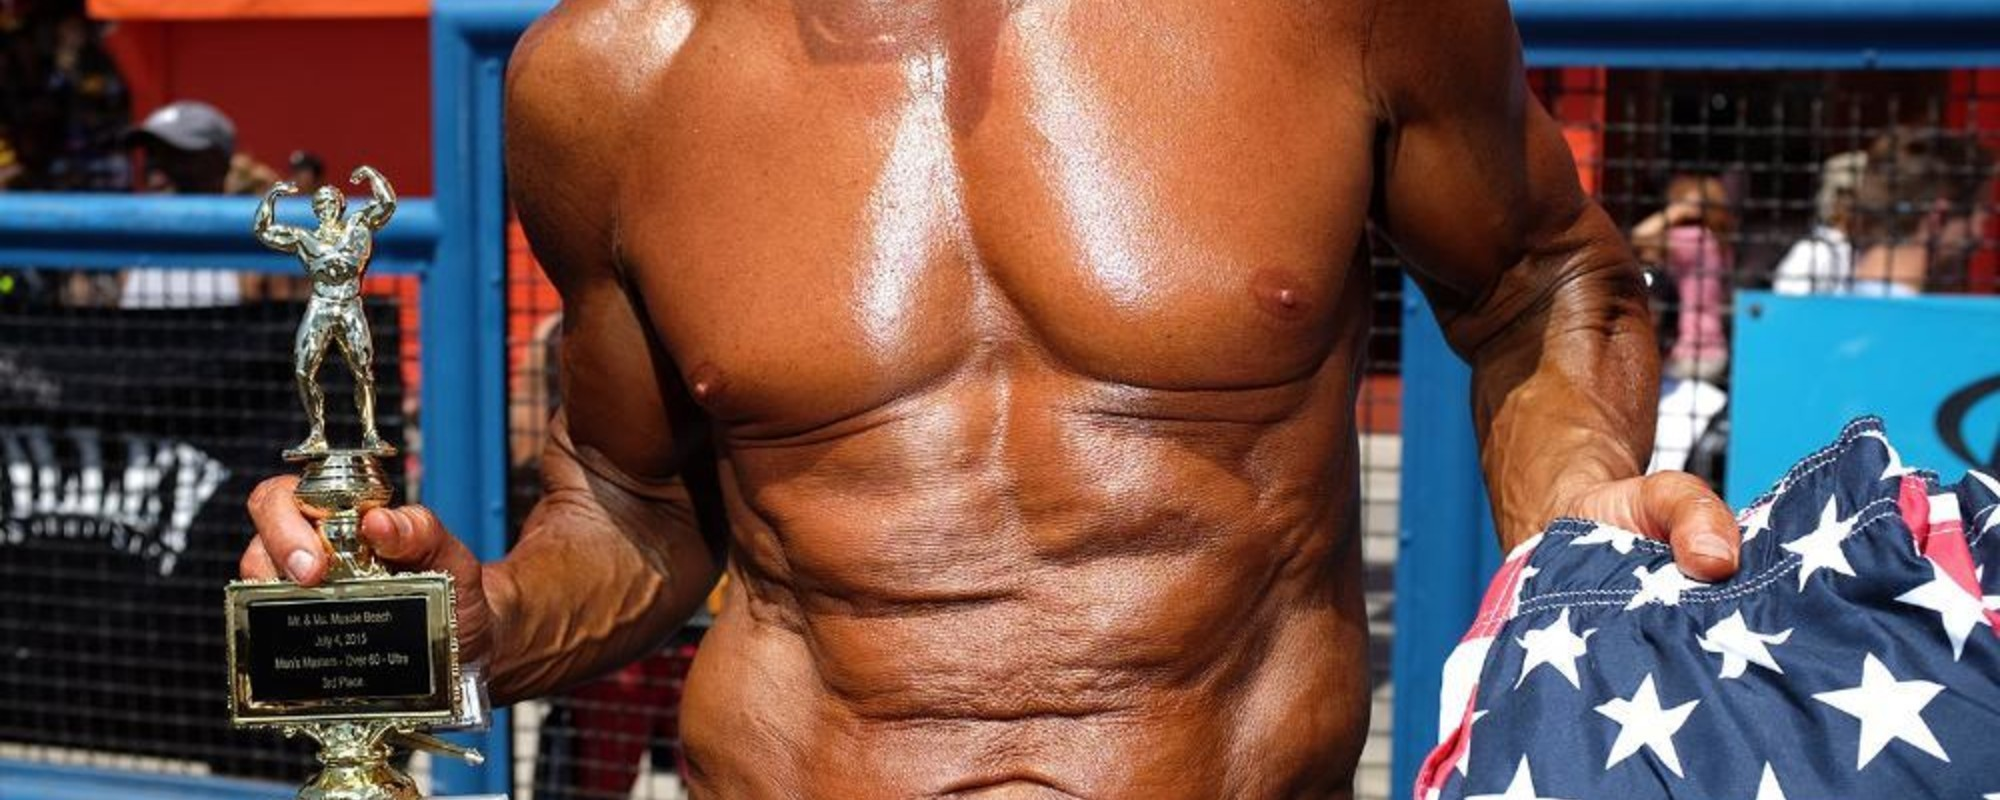 Culturiștii și-au încordat mușchii și bronzul, de ziua Americii